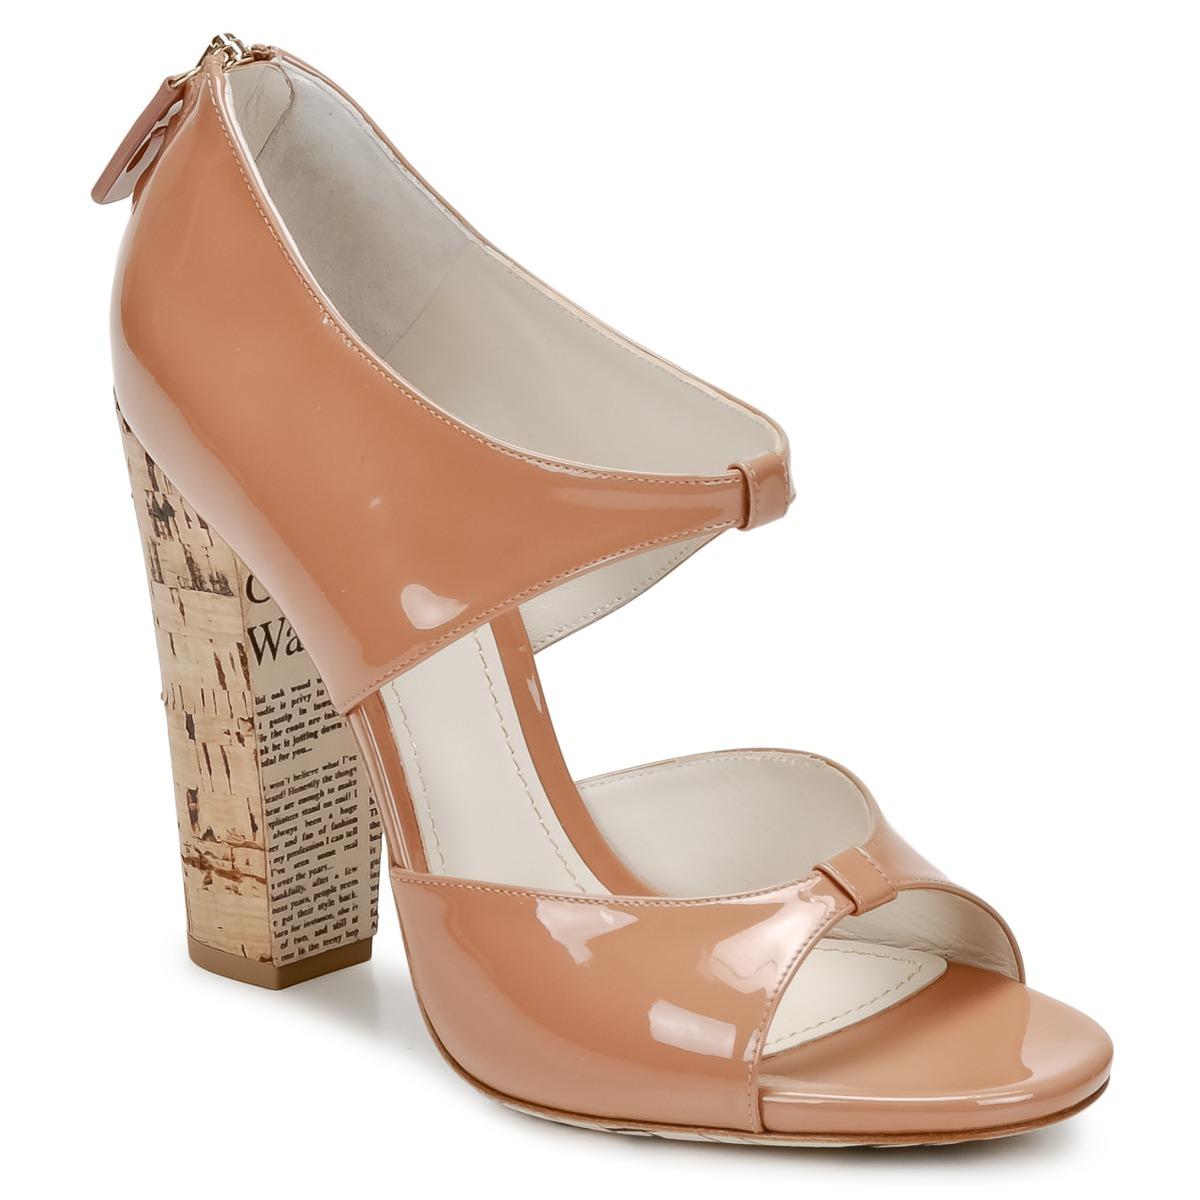 Sandale John Galliano AN6364 Rose / Beige